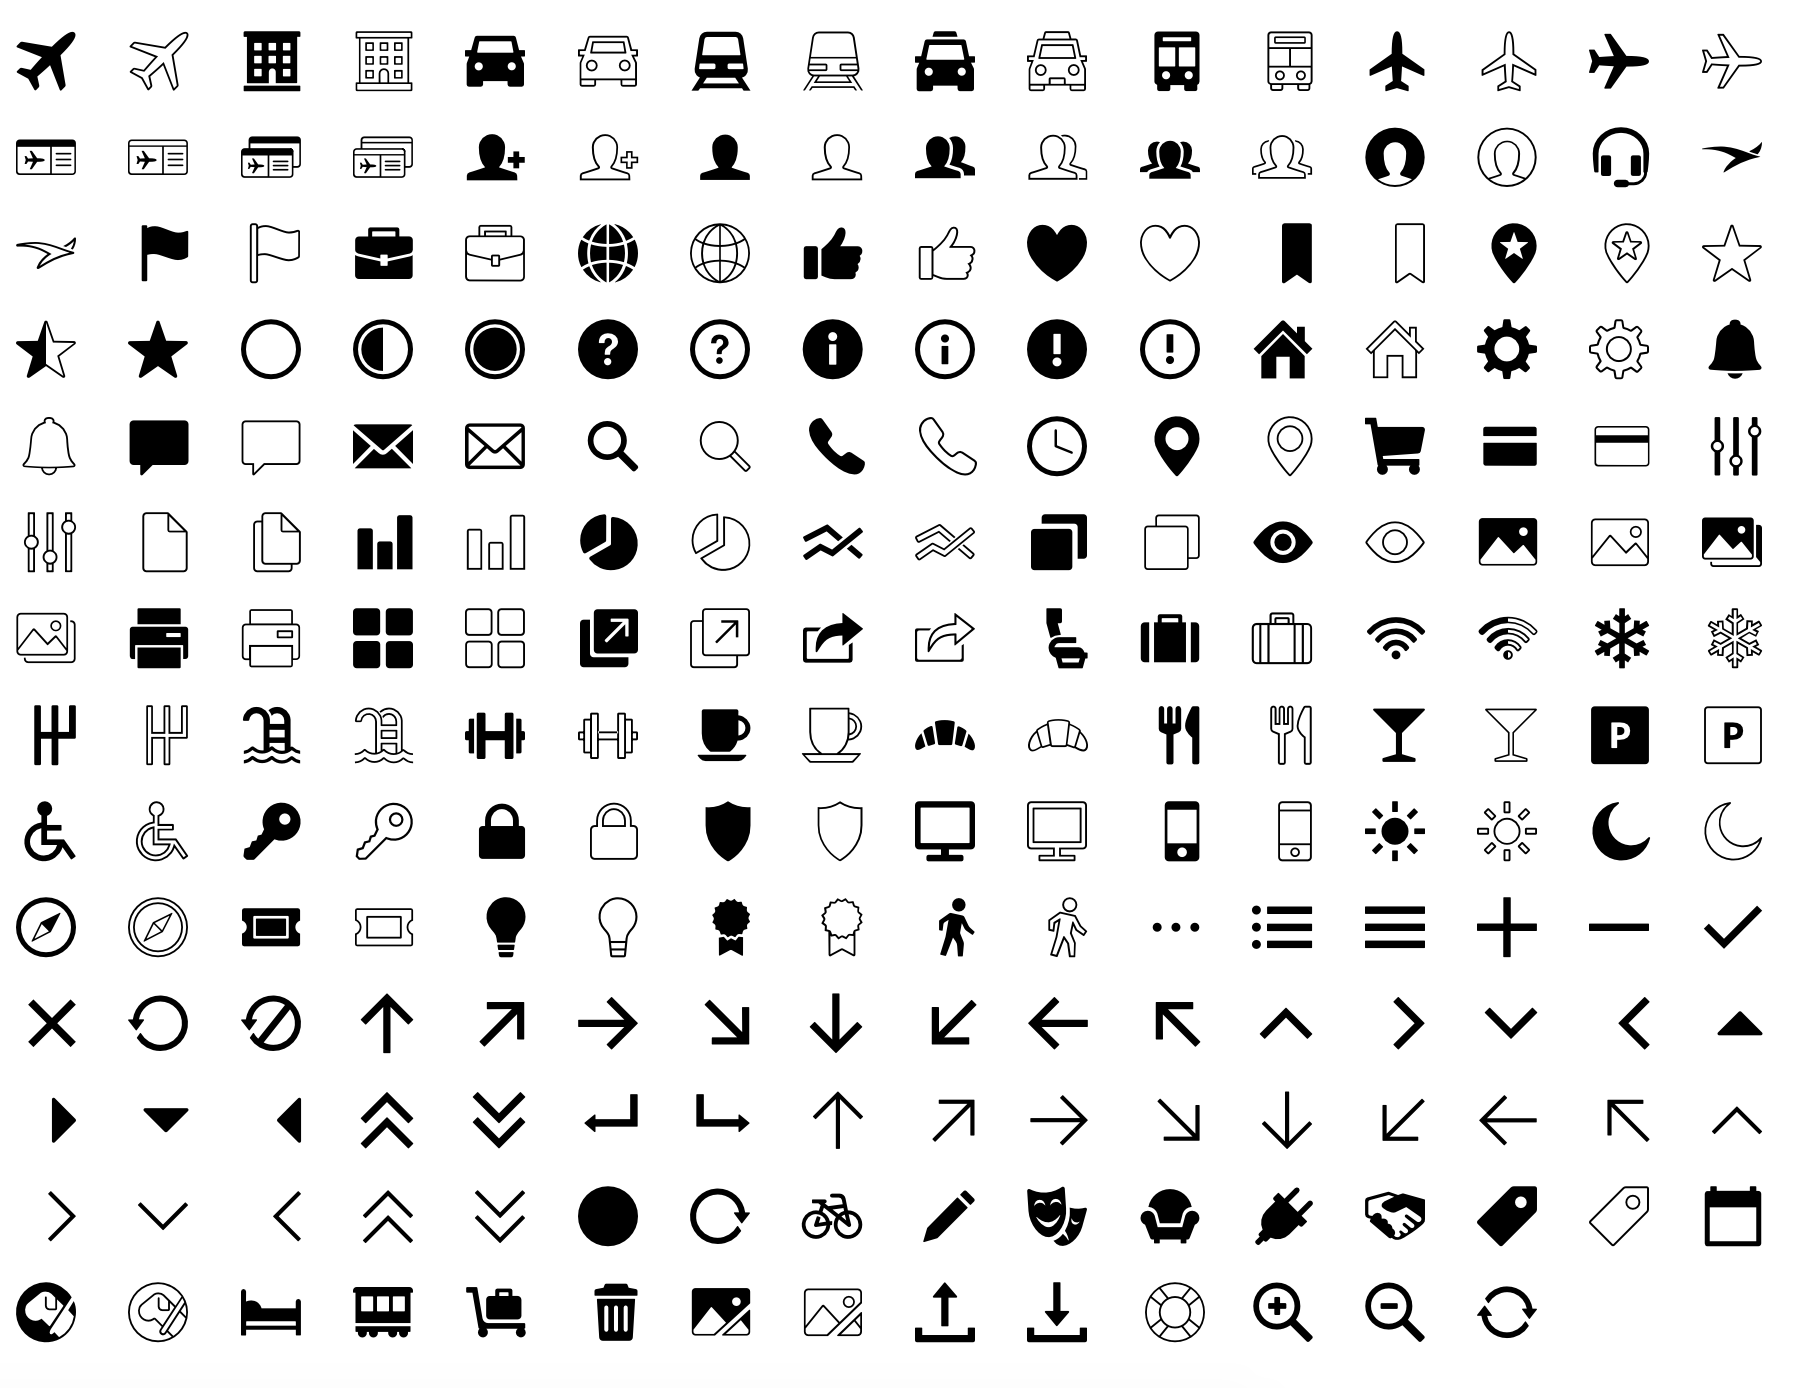 Previous icon set, 2015